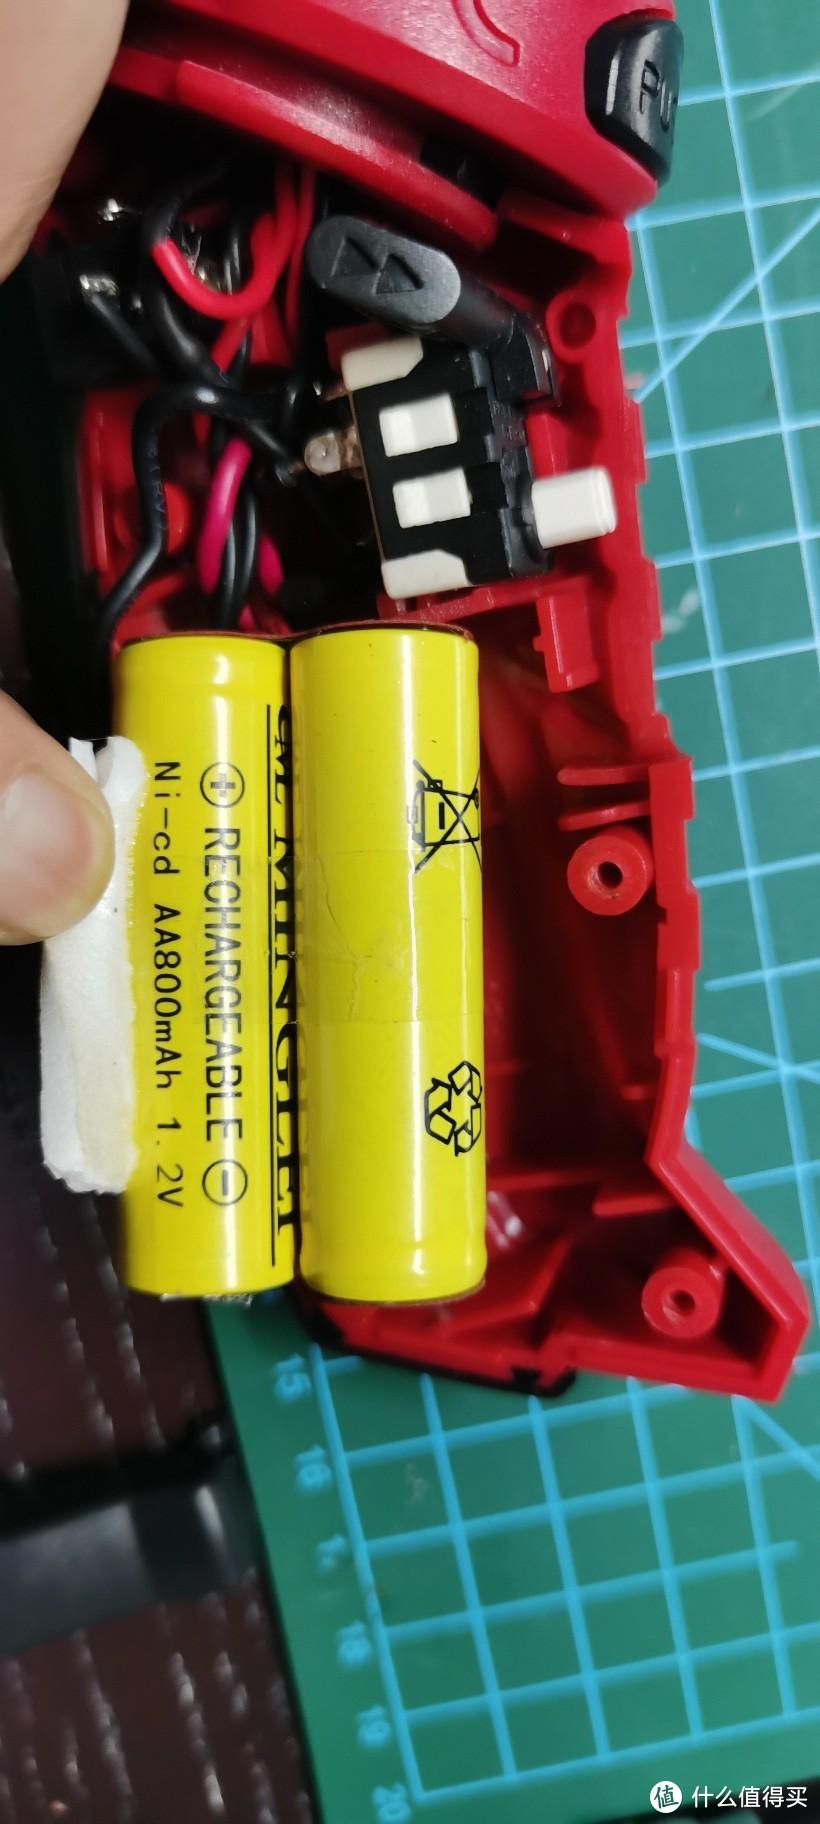 大换血,尼奥动力3.6v电起子